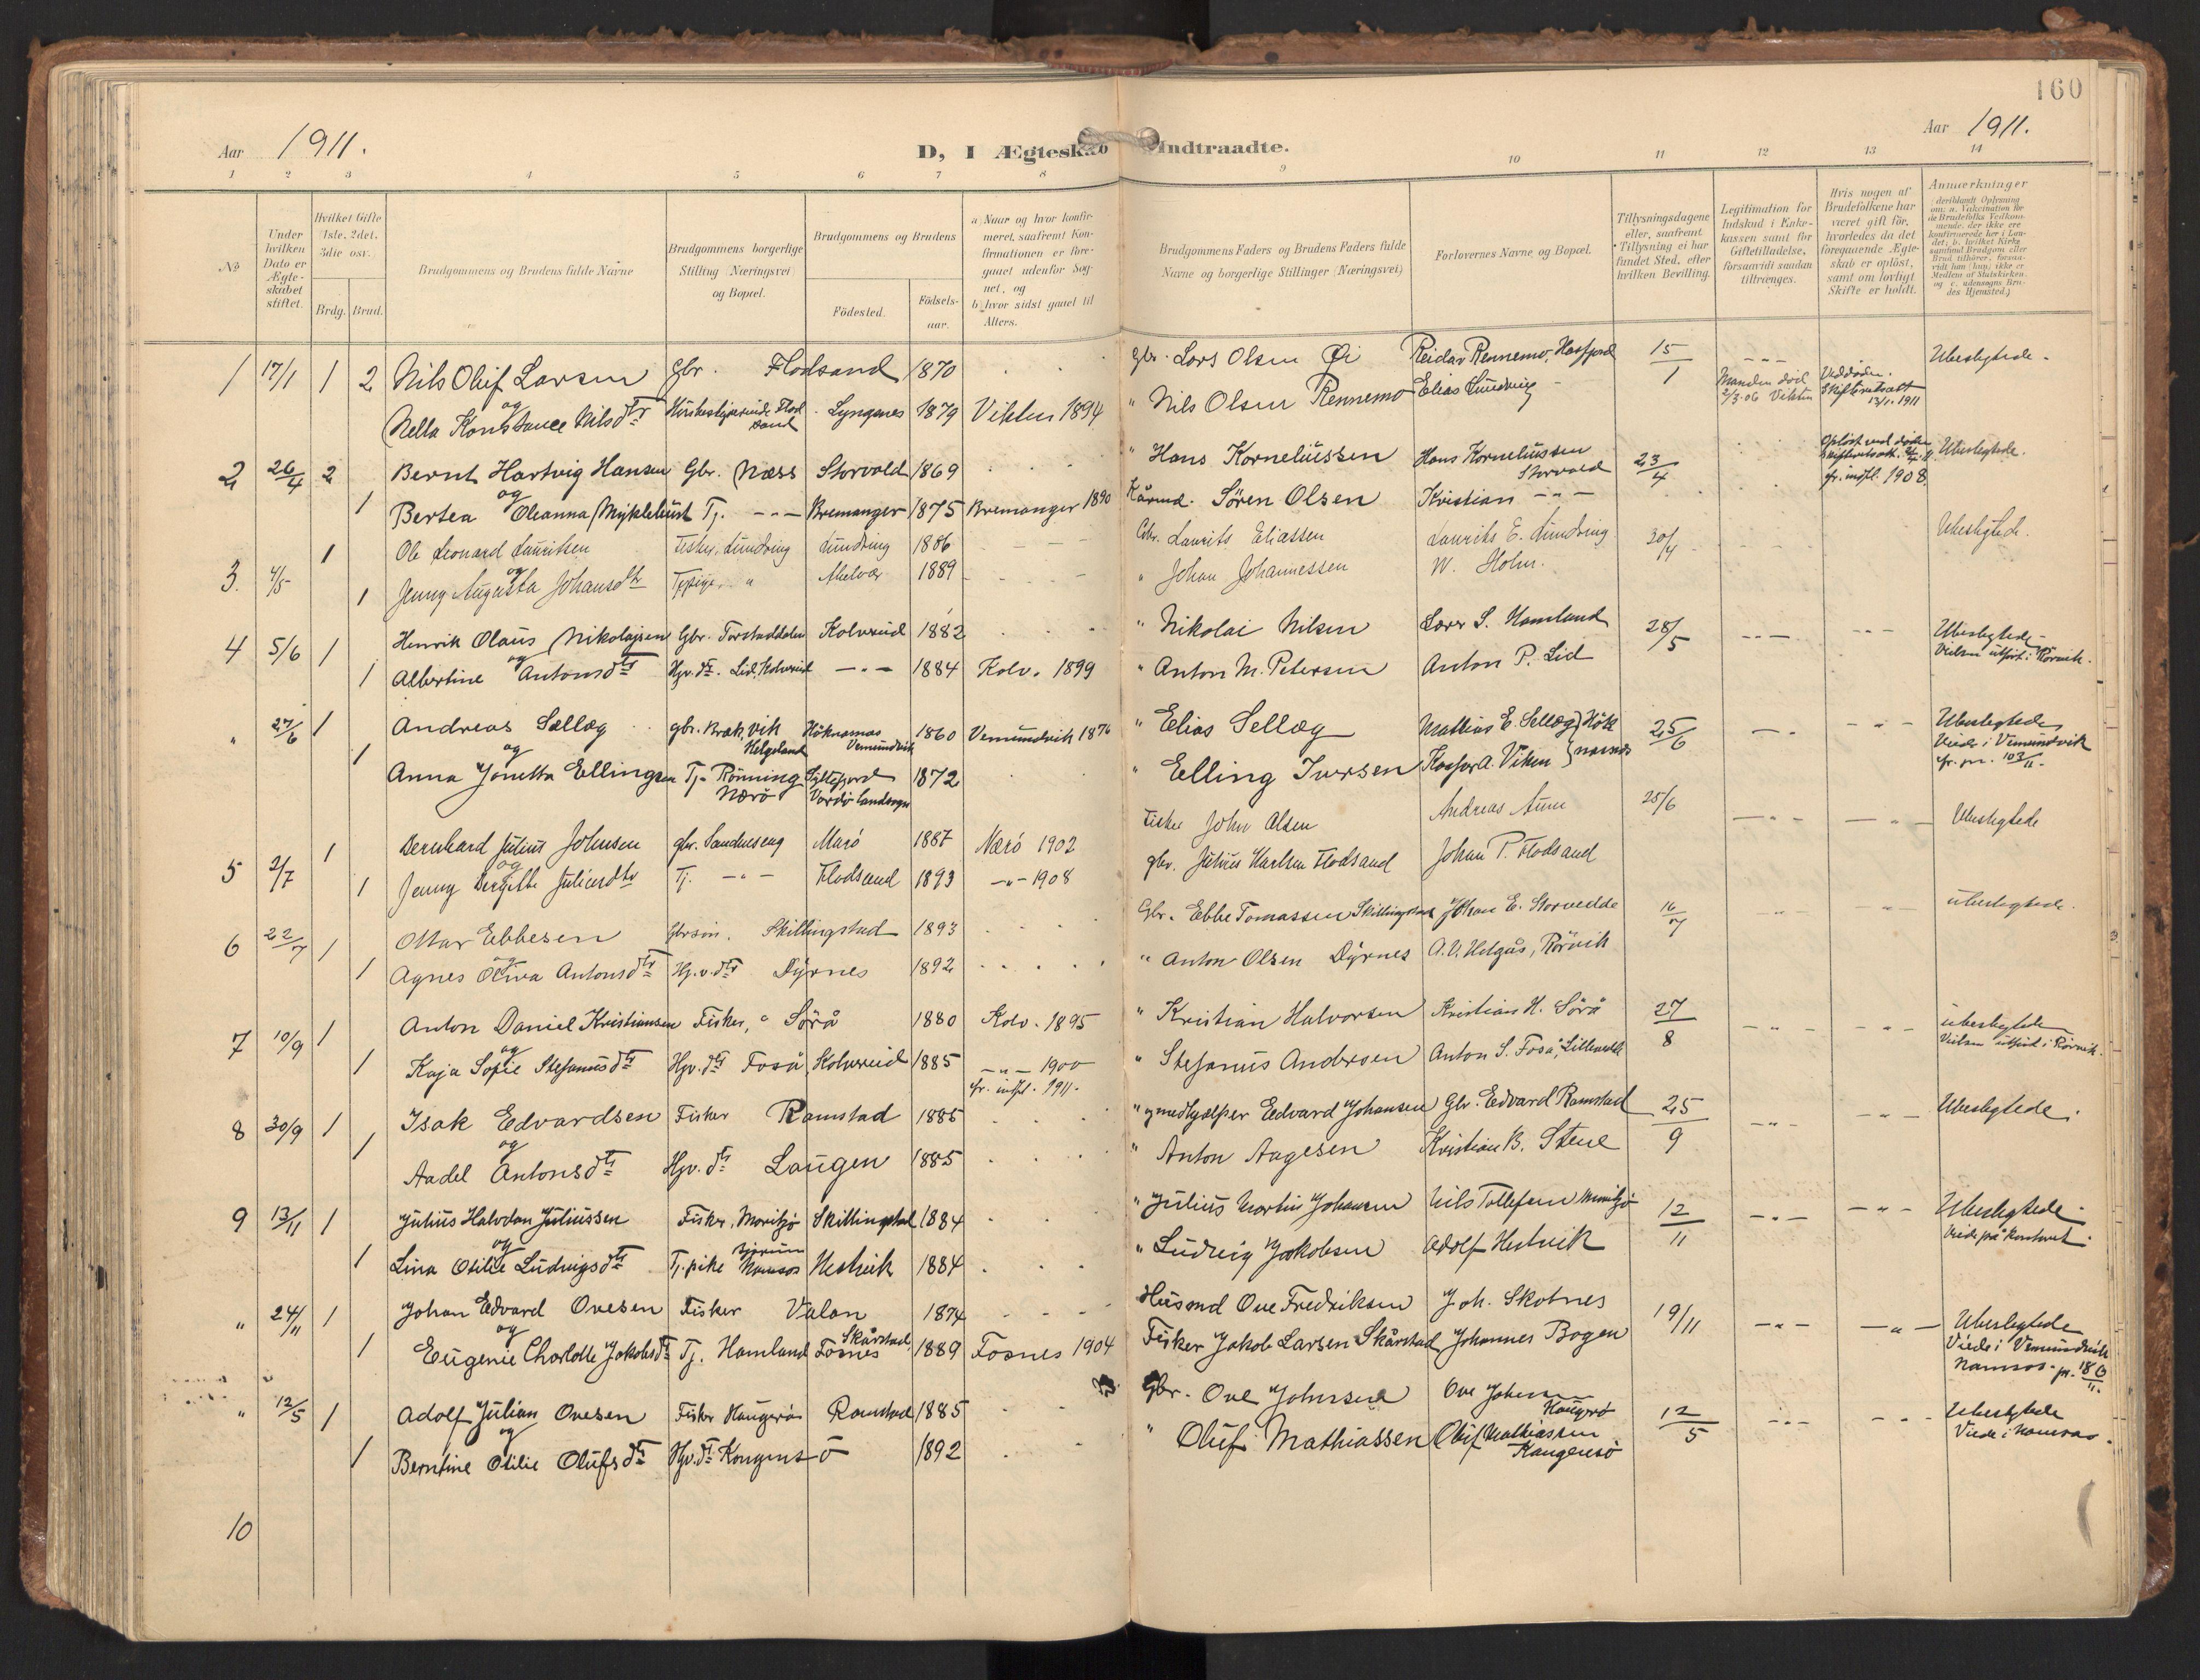 SAT, Ministerialprotokoller, klokkerbøker og fødselsregistre - Nord-Trøndelag, 784/L0677: Ministerialbok nr. 784A12, 1900-1920, s. 160